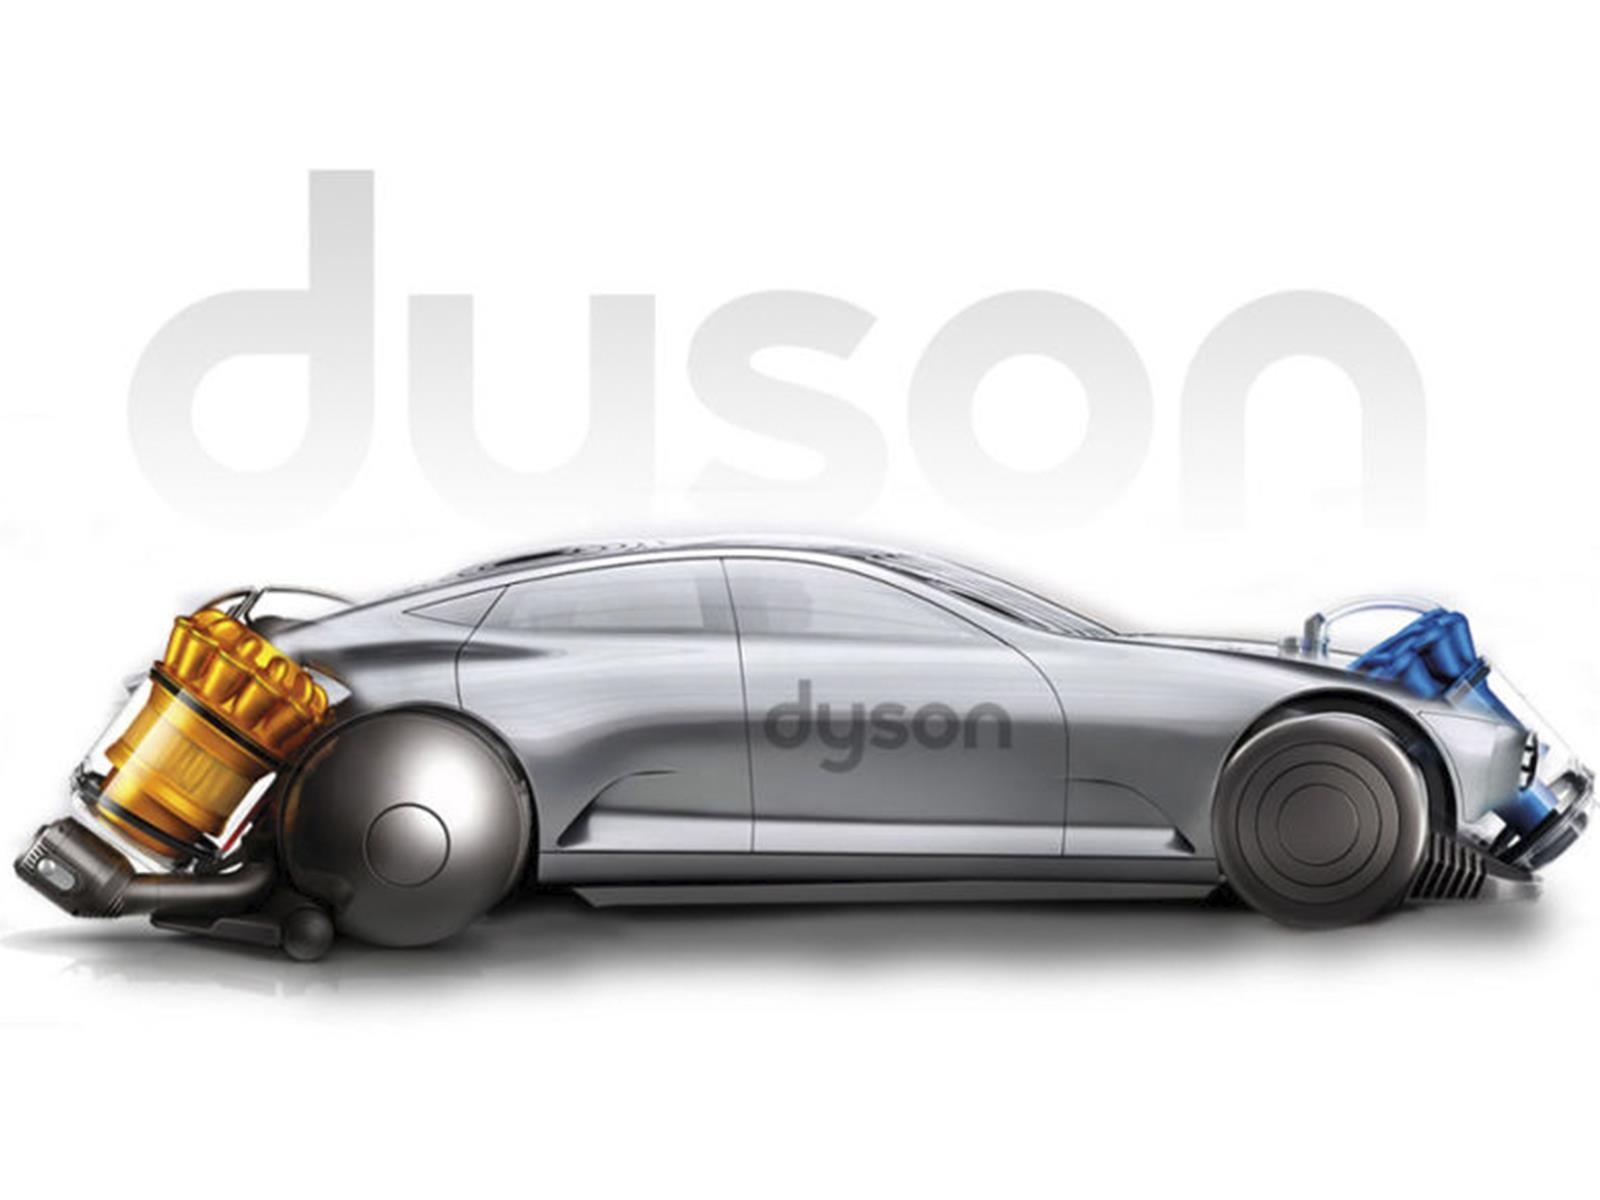 Una empresa de aspiradoras quiere hacer su propio auto